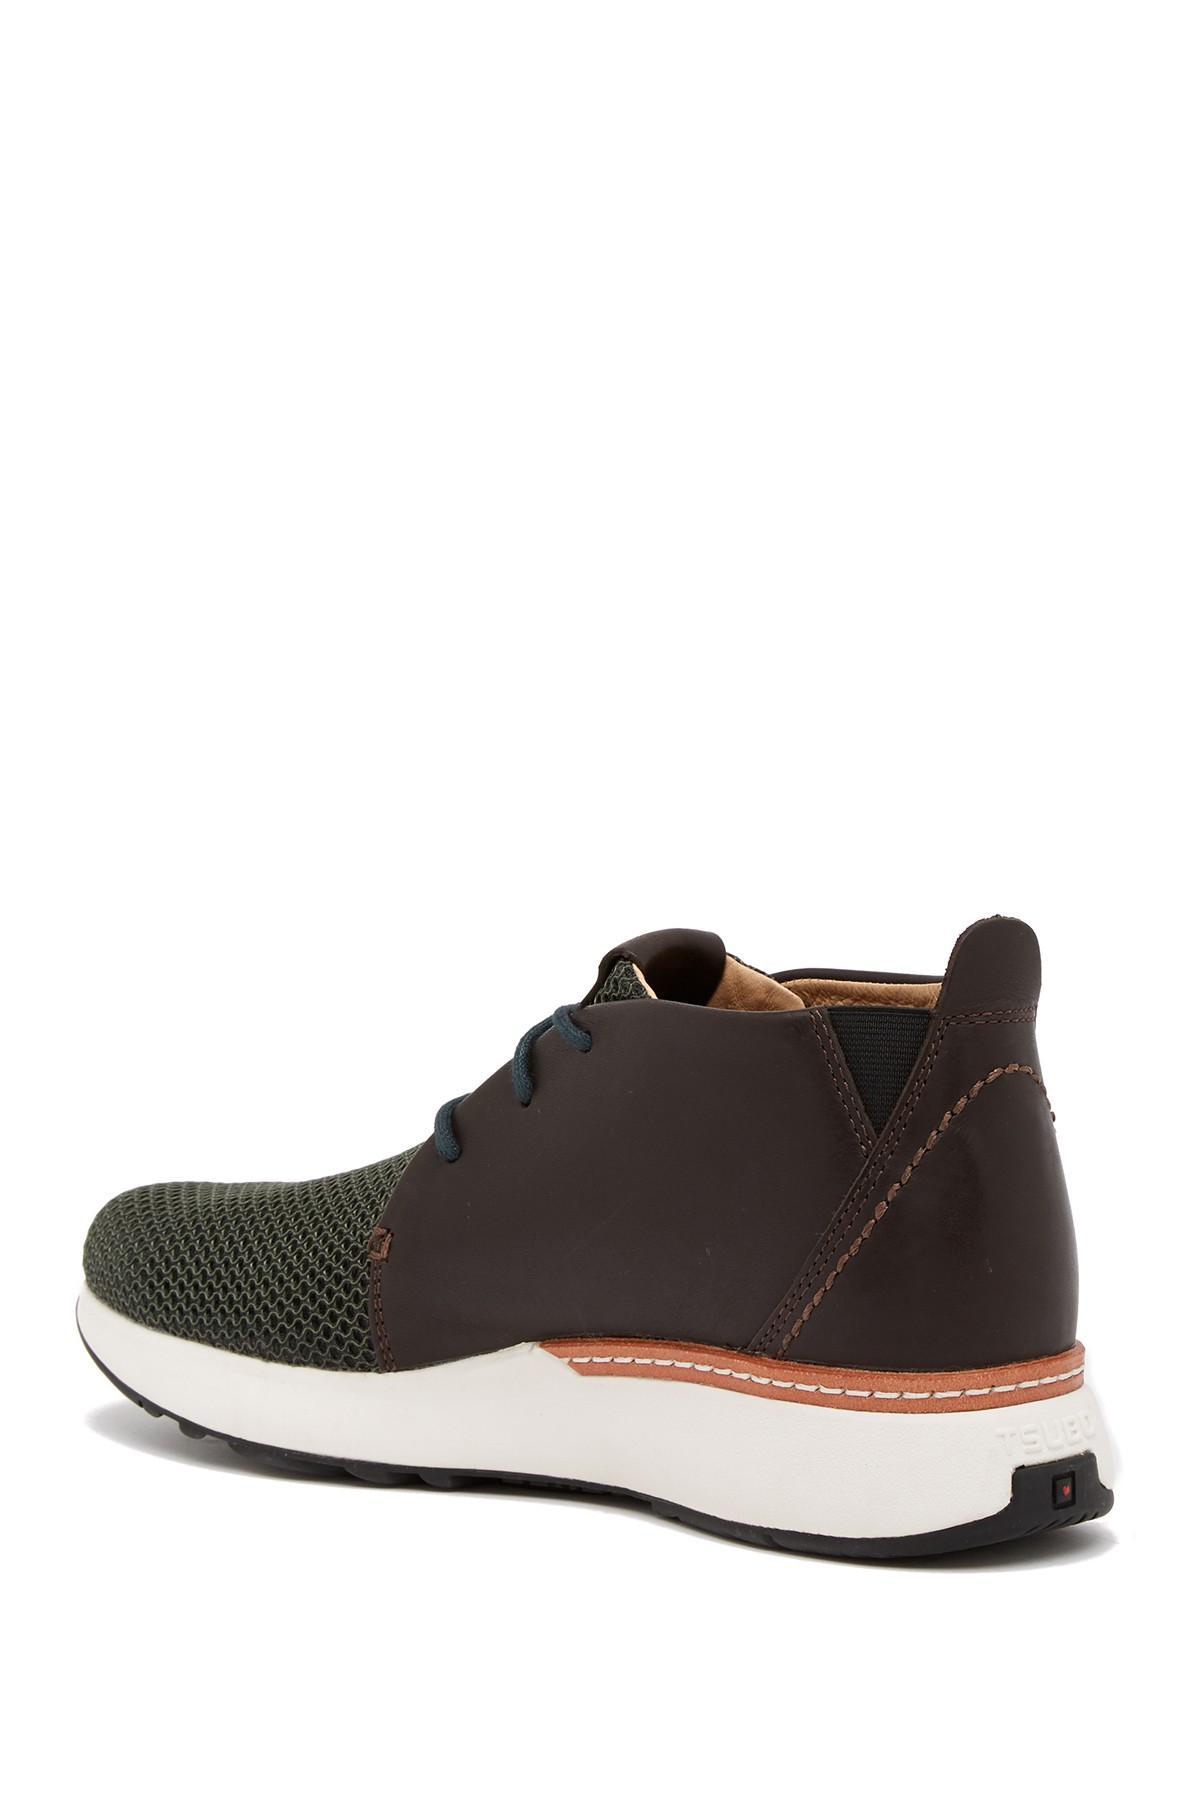 057bbbfc7b Lyst tsubo yobo chukka sneaker in black for men jpg 1200x1800 Tsubo shoe  prices